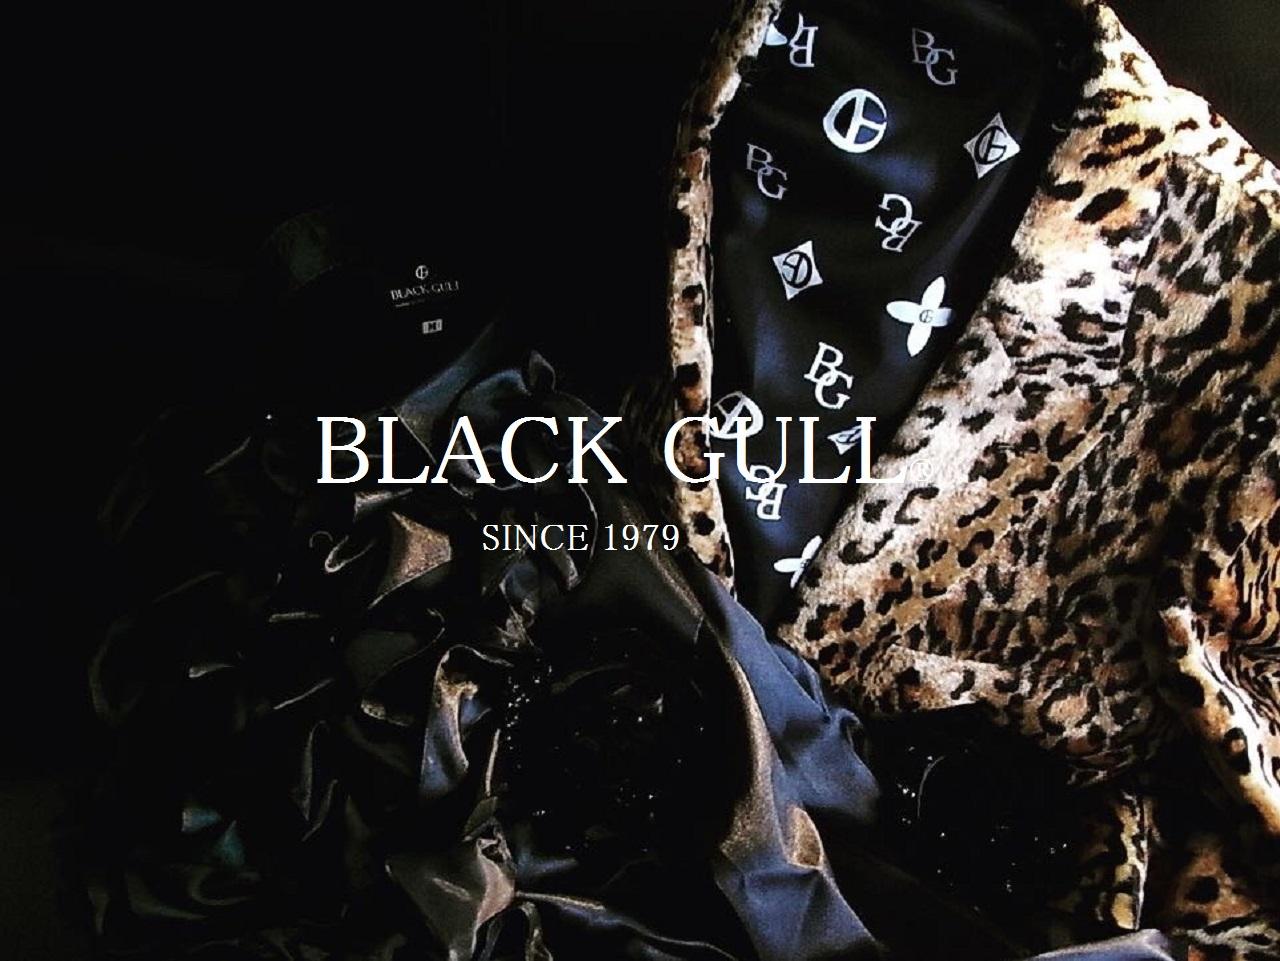 ステージ衣装 BLACK GULL:BLACK GULL ステージ衣装 舞台衣装 バンド衣装など男性 メンズ専門店